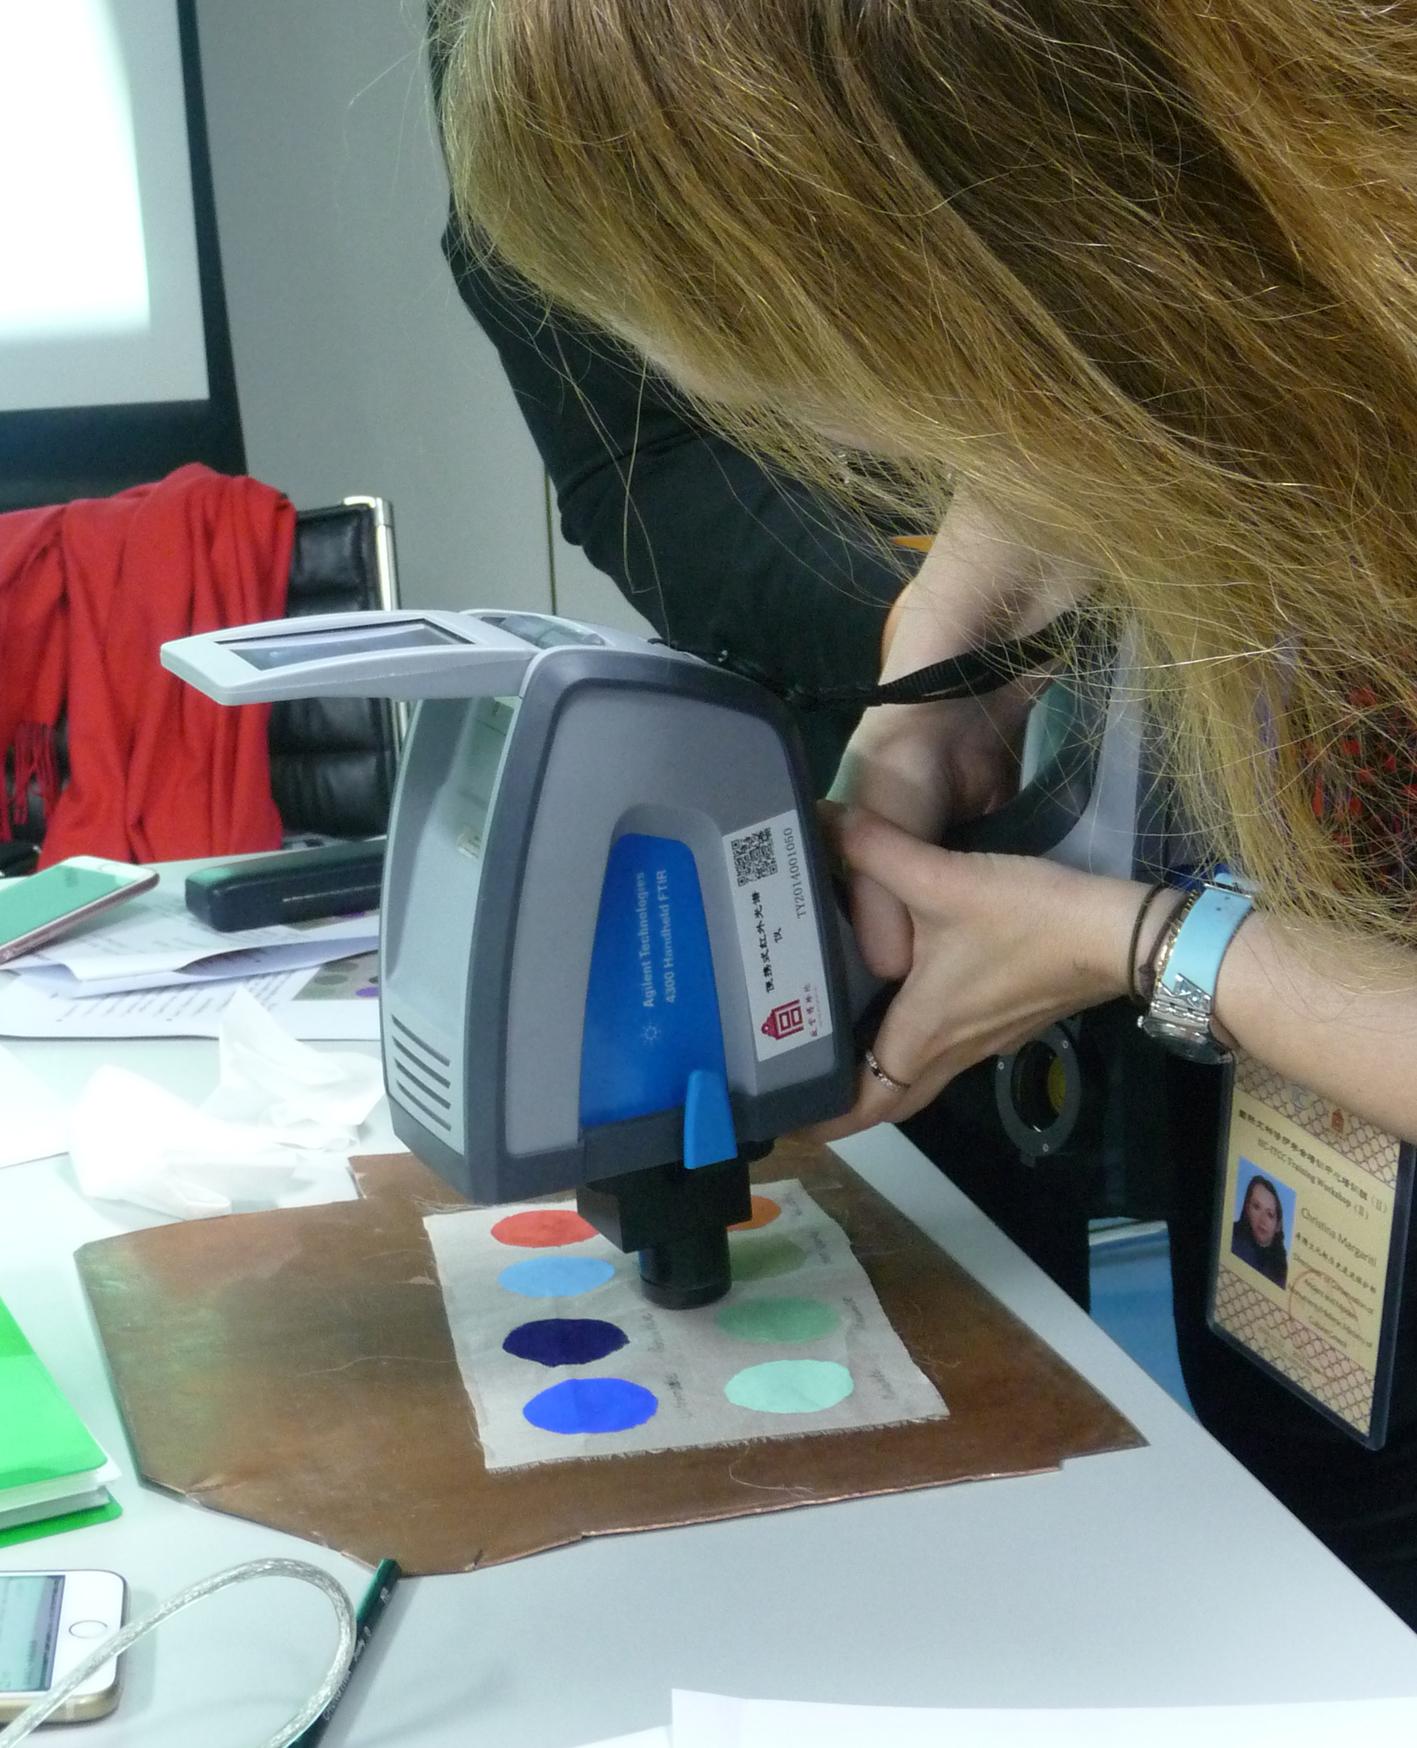 FTIR φασματοσκοπία υπέρυθρου με μετασχηματισμό Fourier|www.artextiles.org